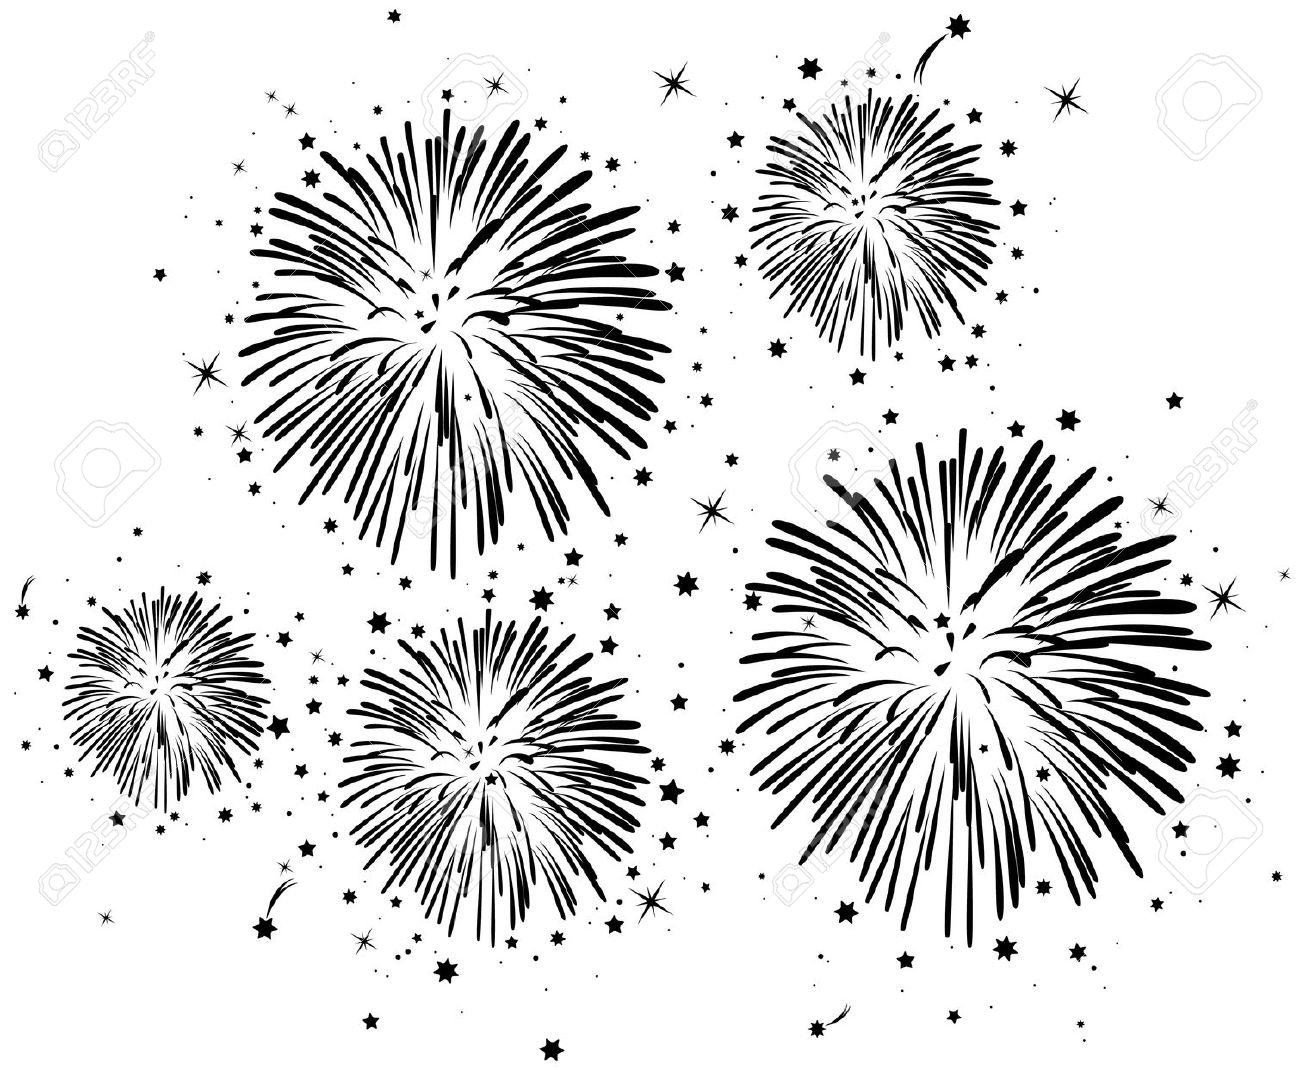 Fireworks clipart black and white Fireworks Stock  Illustrations Fireworks